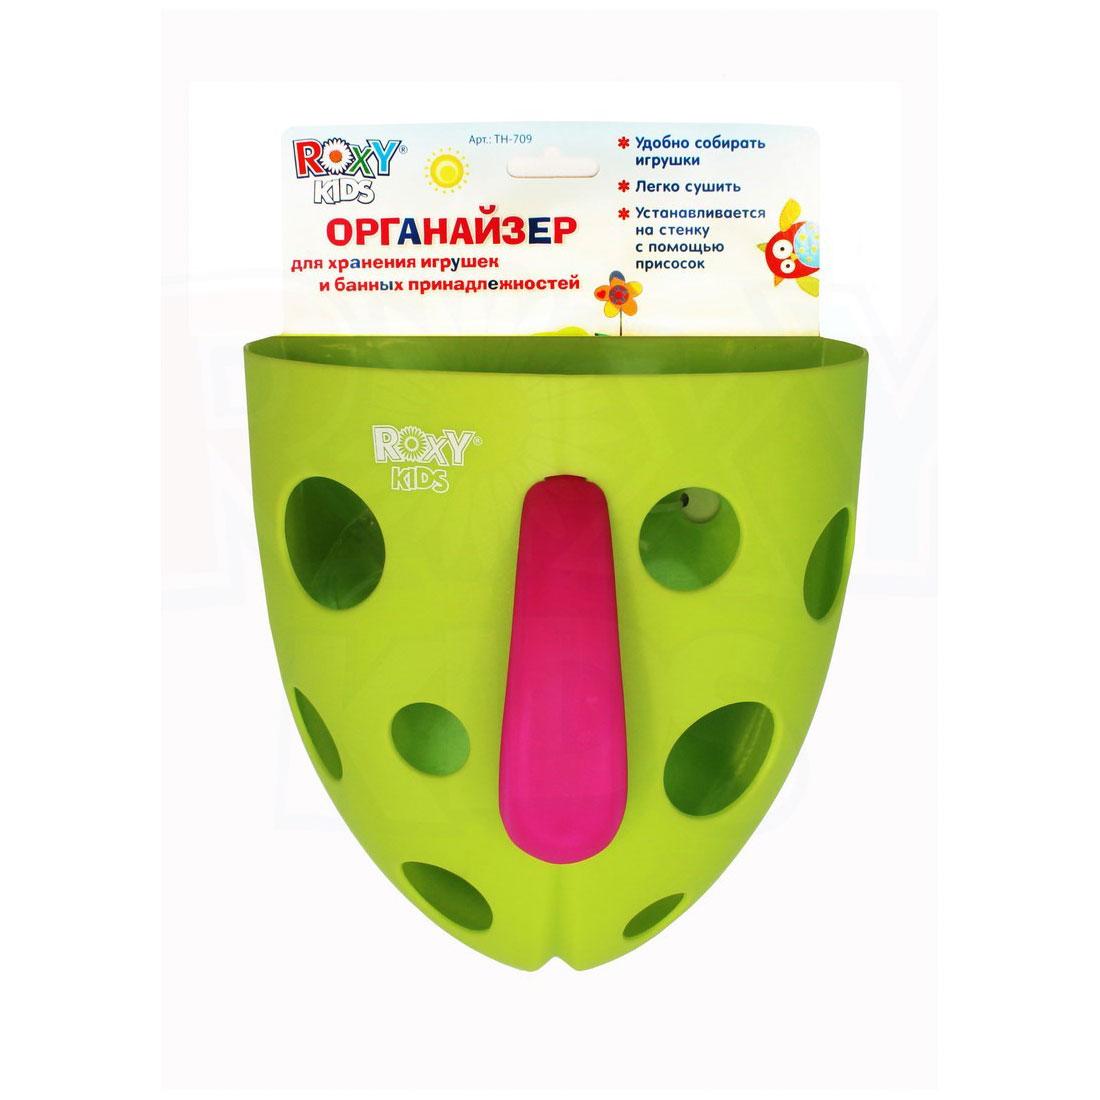 Органайзер Roxy-kids Рокси Кидc для игрушек и банных принадлежностей, на присоске<br>